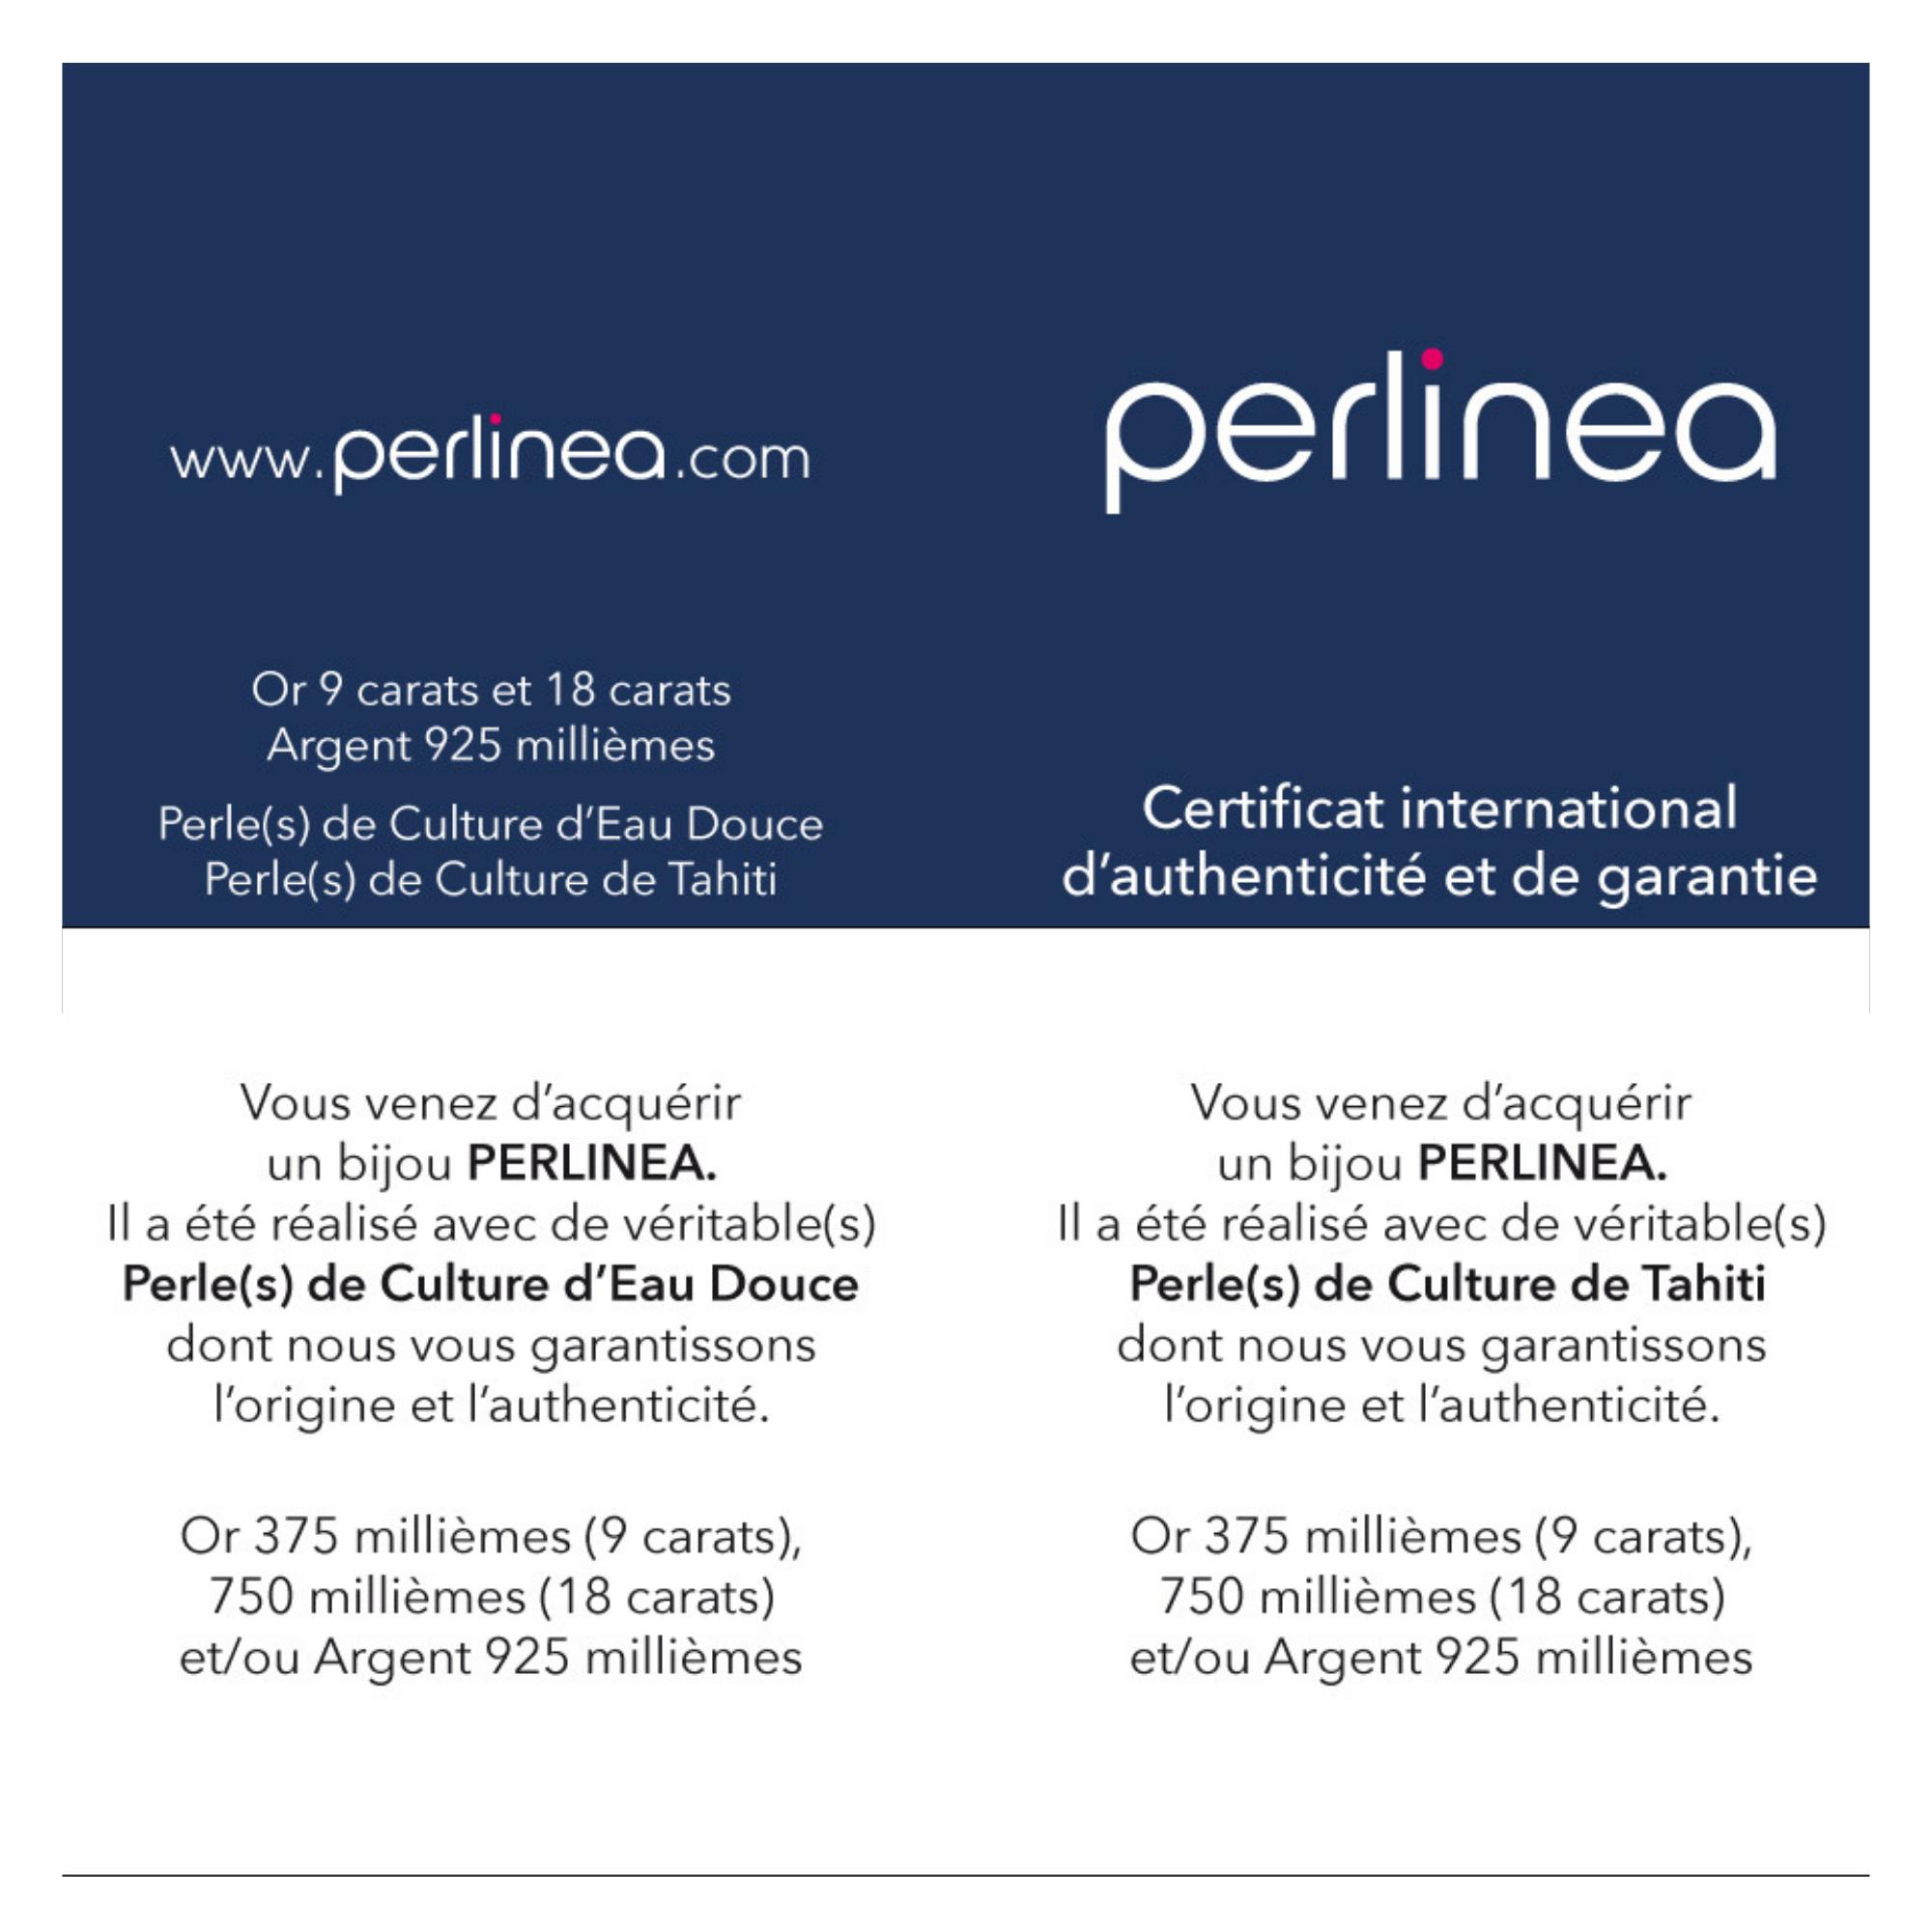 PERLINEA - Collier - Perle de Culture d'Eau Douce - Diamètre 6-7  mm  Rose Fushia - Bijou Femme - Argent 925 Millièmes